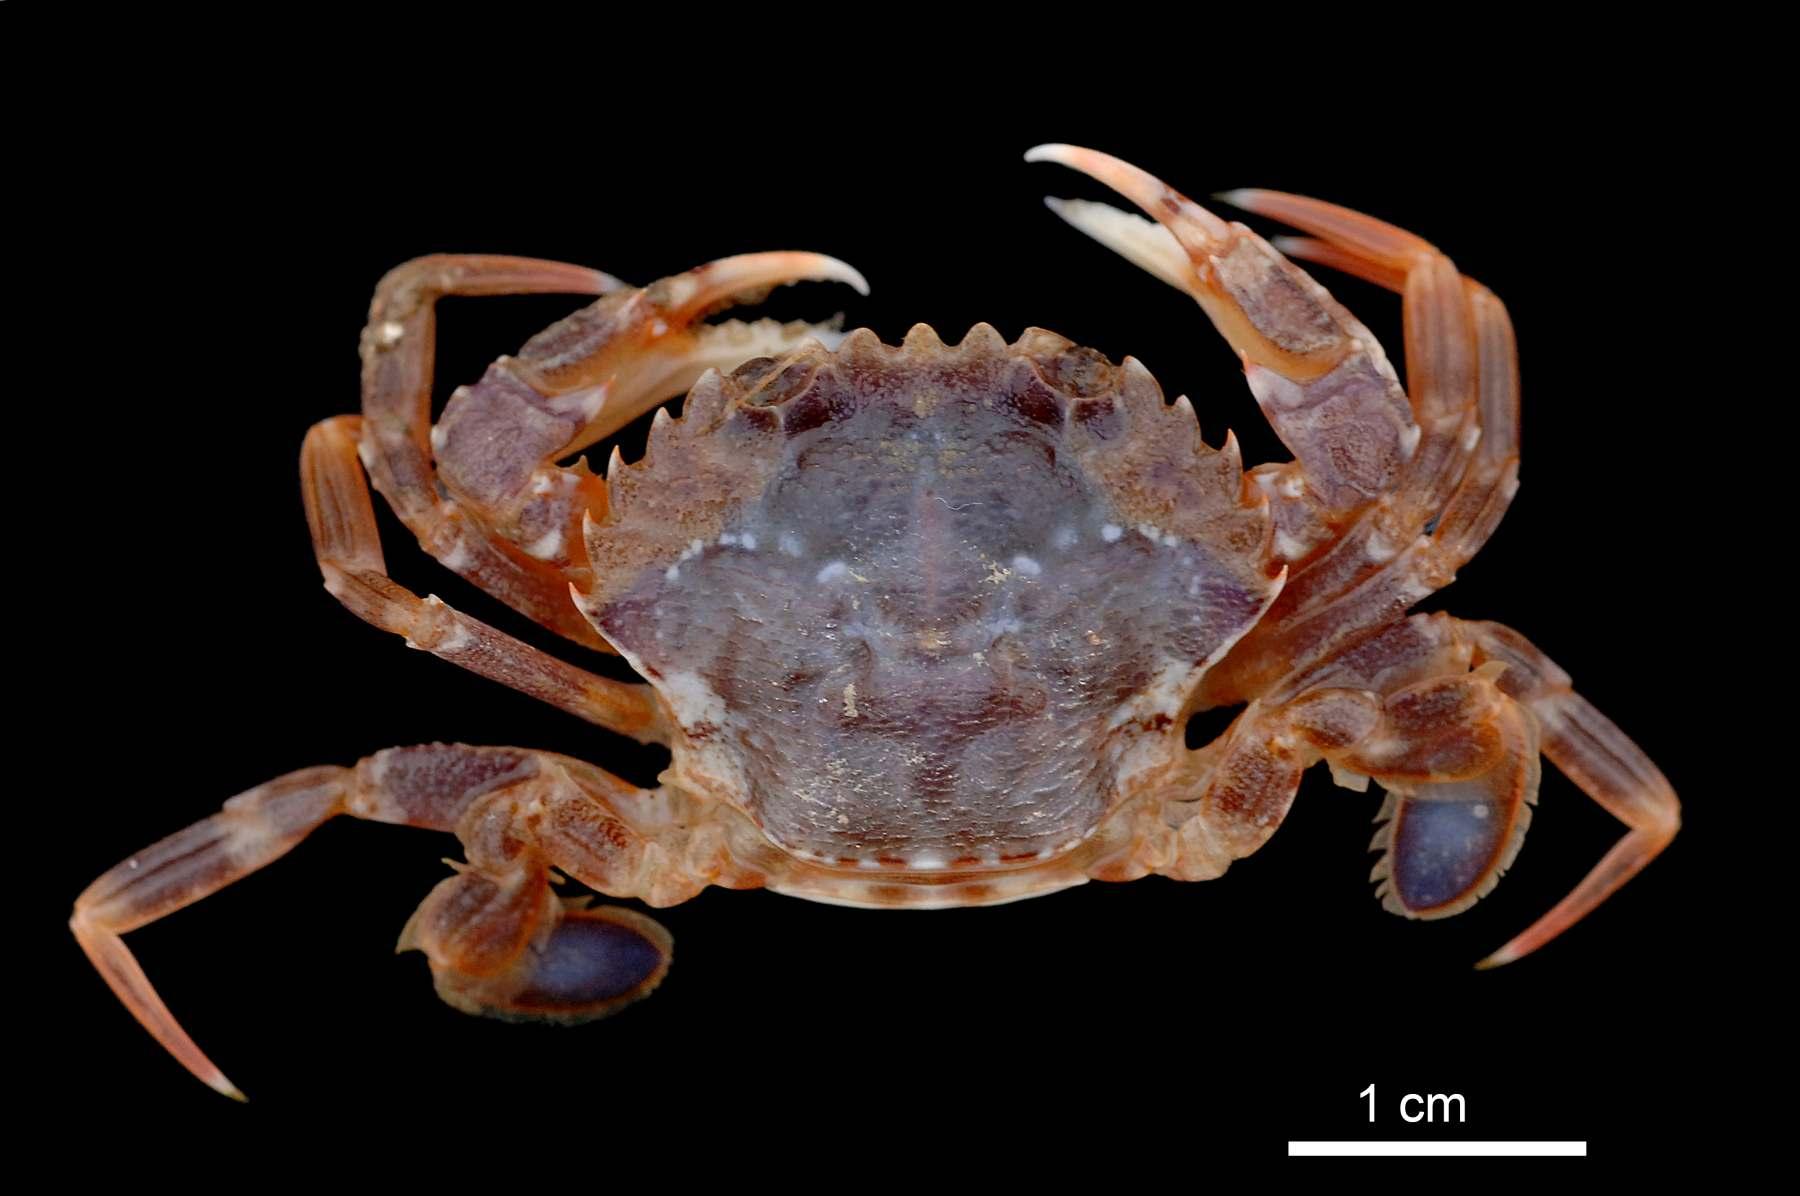 """El cangrejo """"Liocarcius depurator"""", una especie que antes solo se encontraba de forma esporádica en el Mar del Norte, en los últimos diez años se ha convertido en un elemento dominante de la biodiversidad de la zona. © Senckenberg/Tränkner. Fuente: Senckenberg Research Institute."""